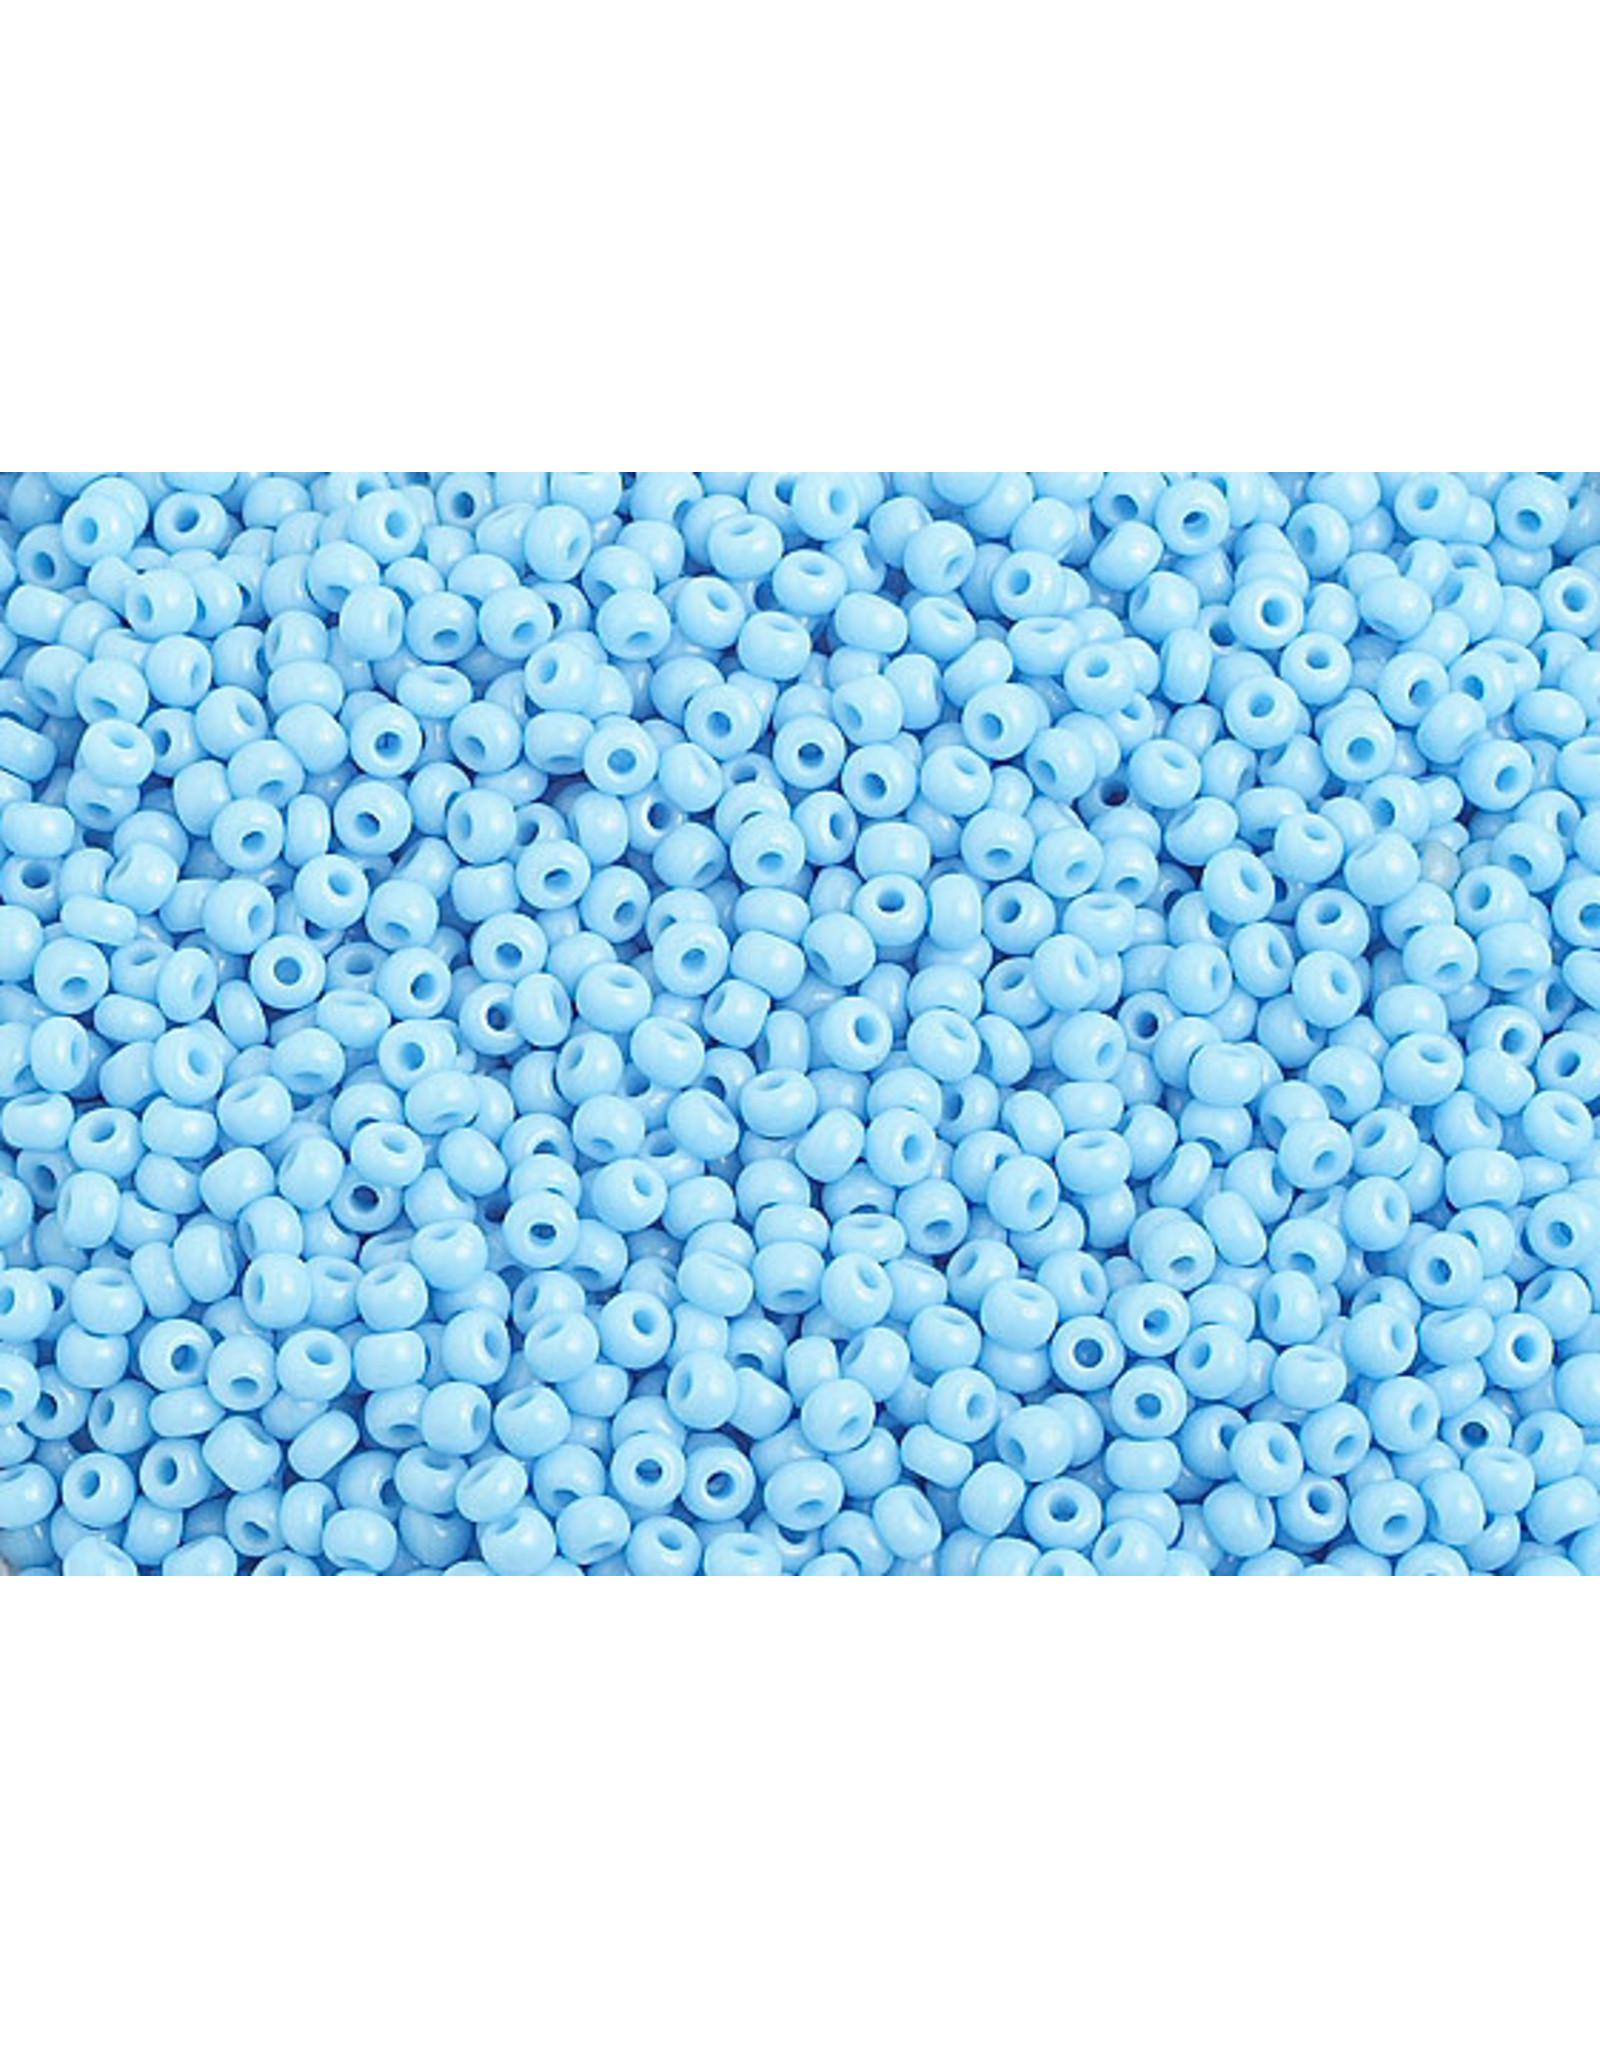 Czech 1010 10 Czech Seed 20g Opaque Light Blue